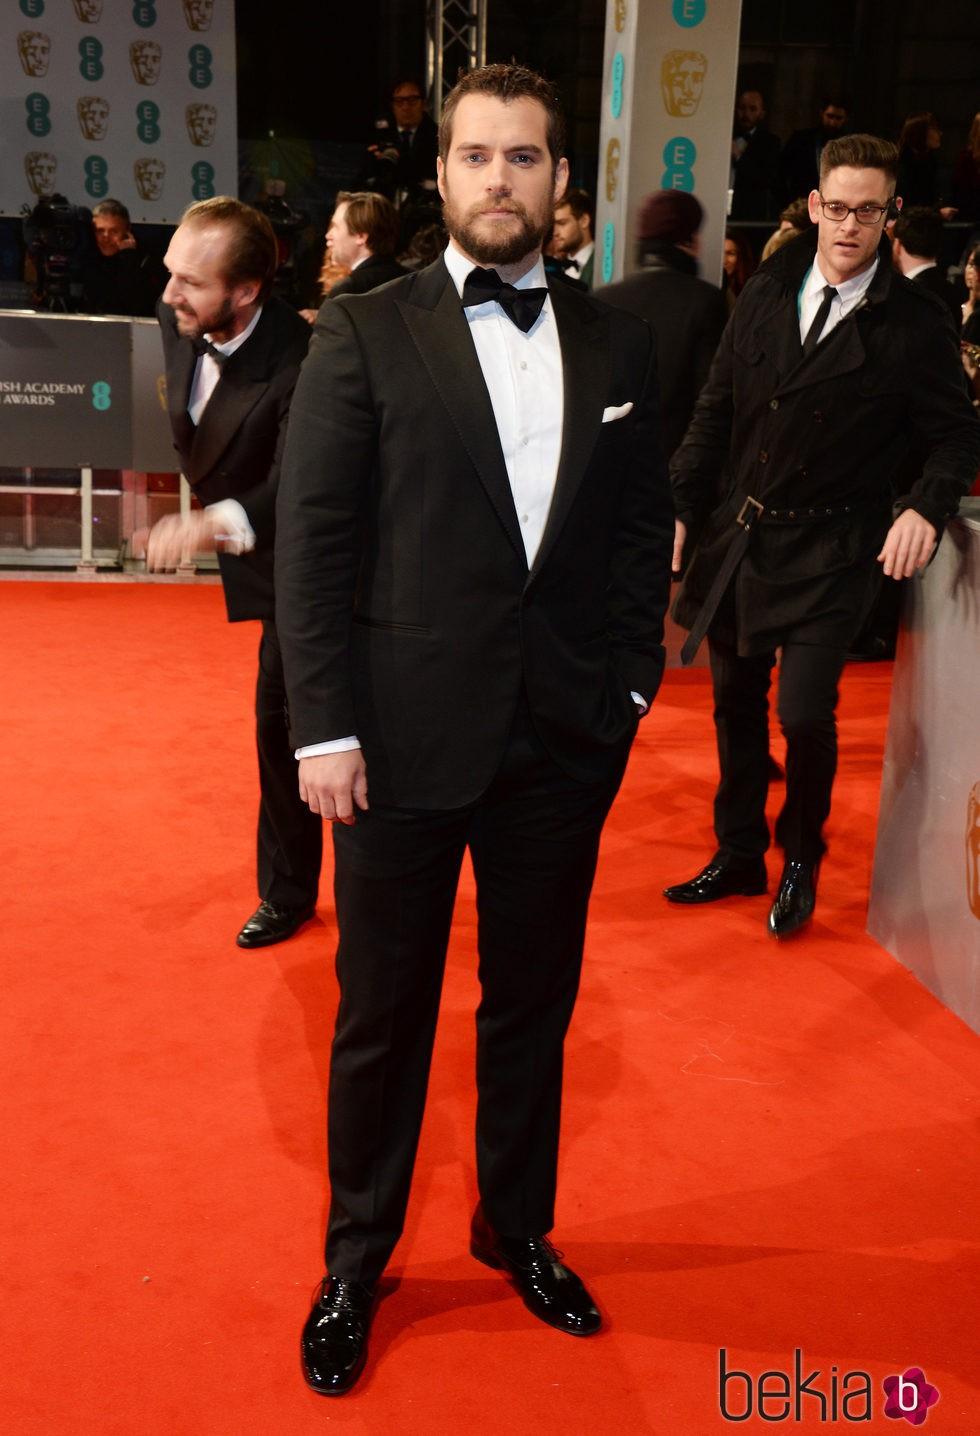 Henry Cavill estrena look en la alfombra roja de los BAFTA 2015